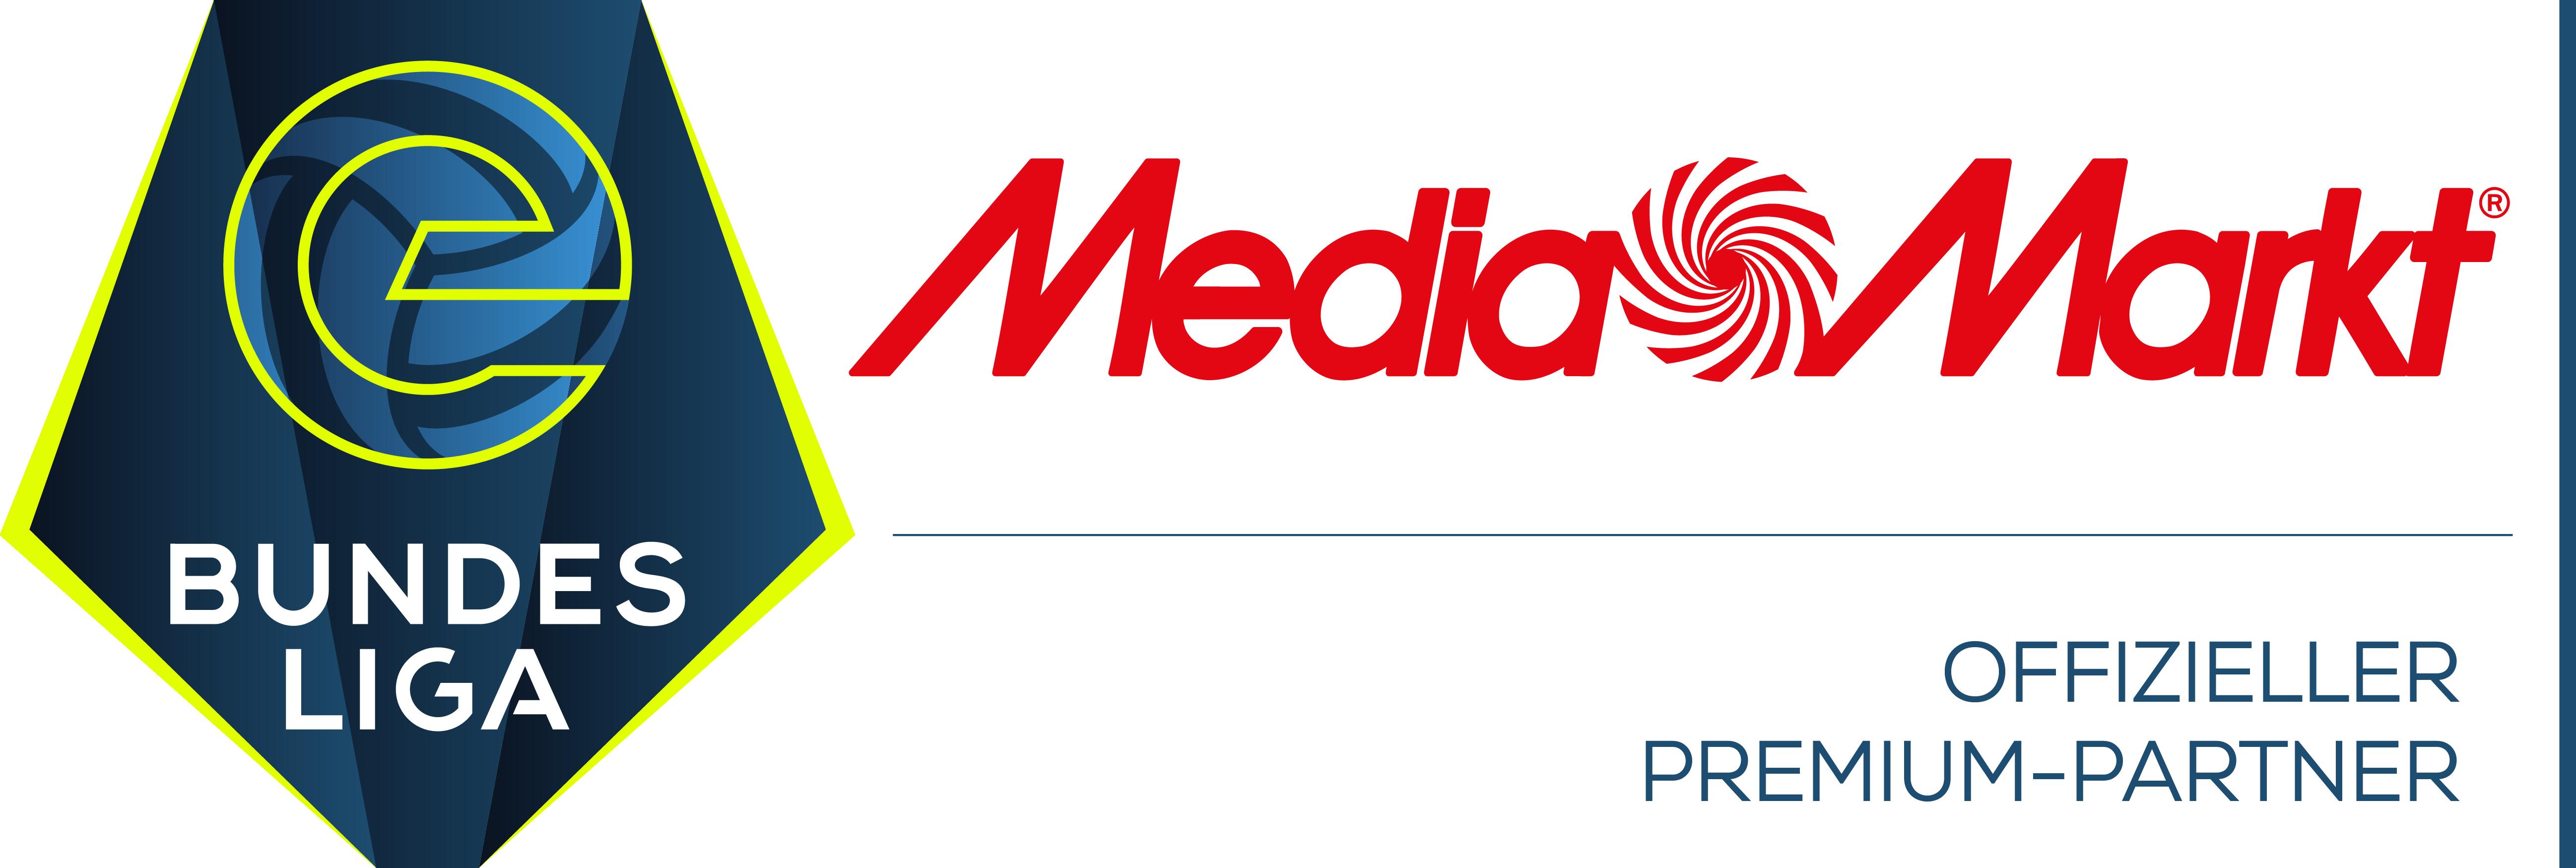 Logo_MediaMarkt_eBundesliga